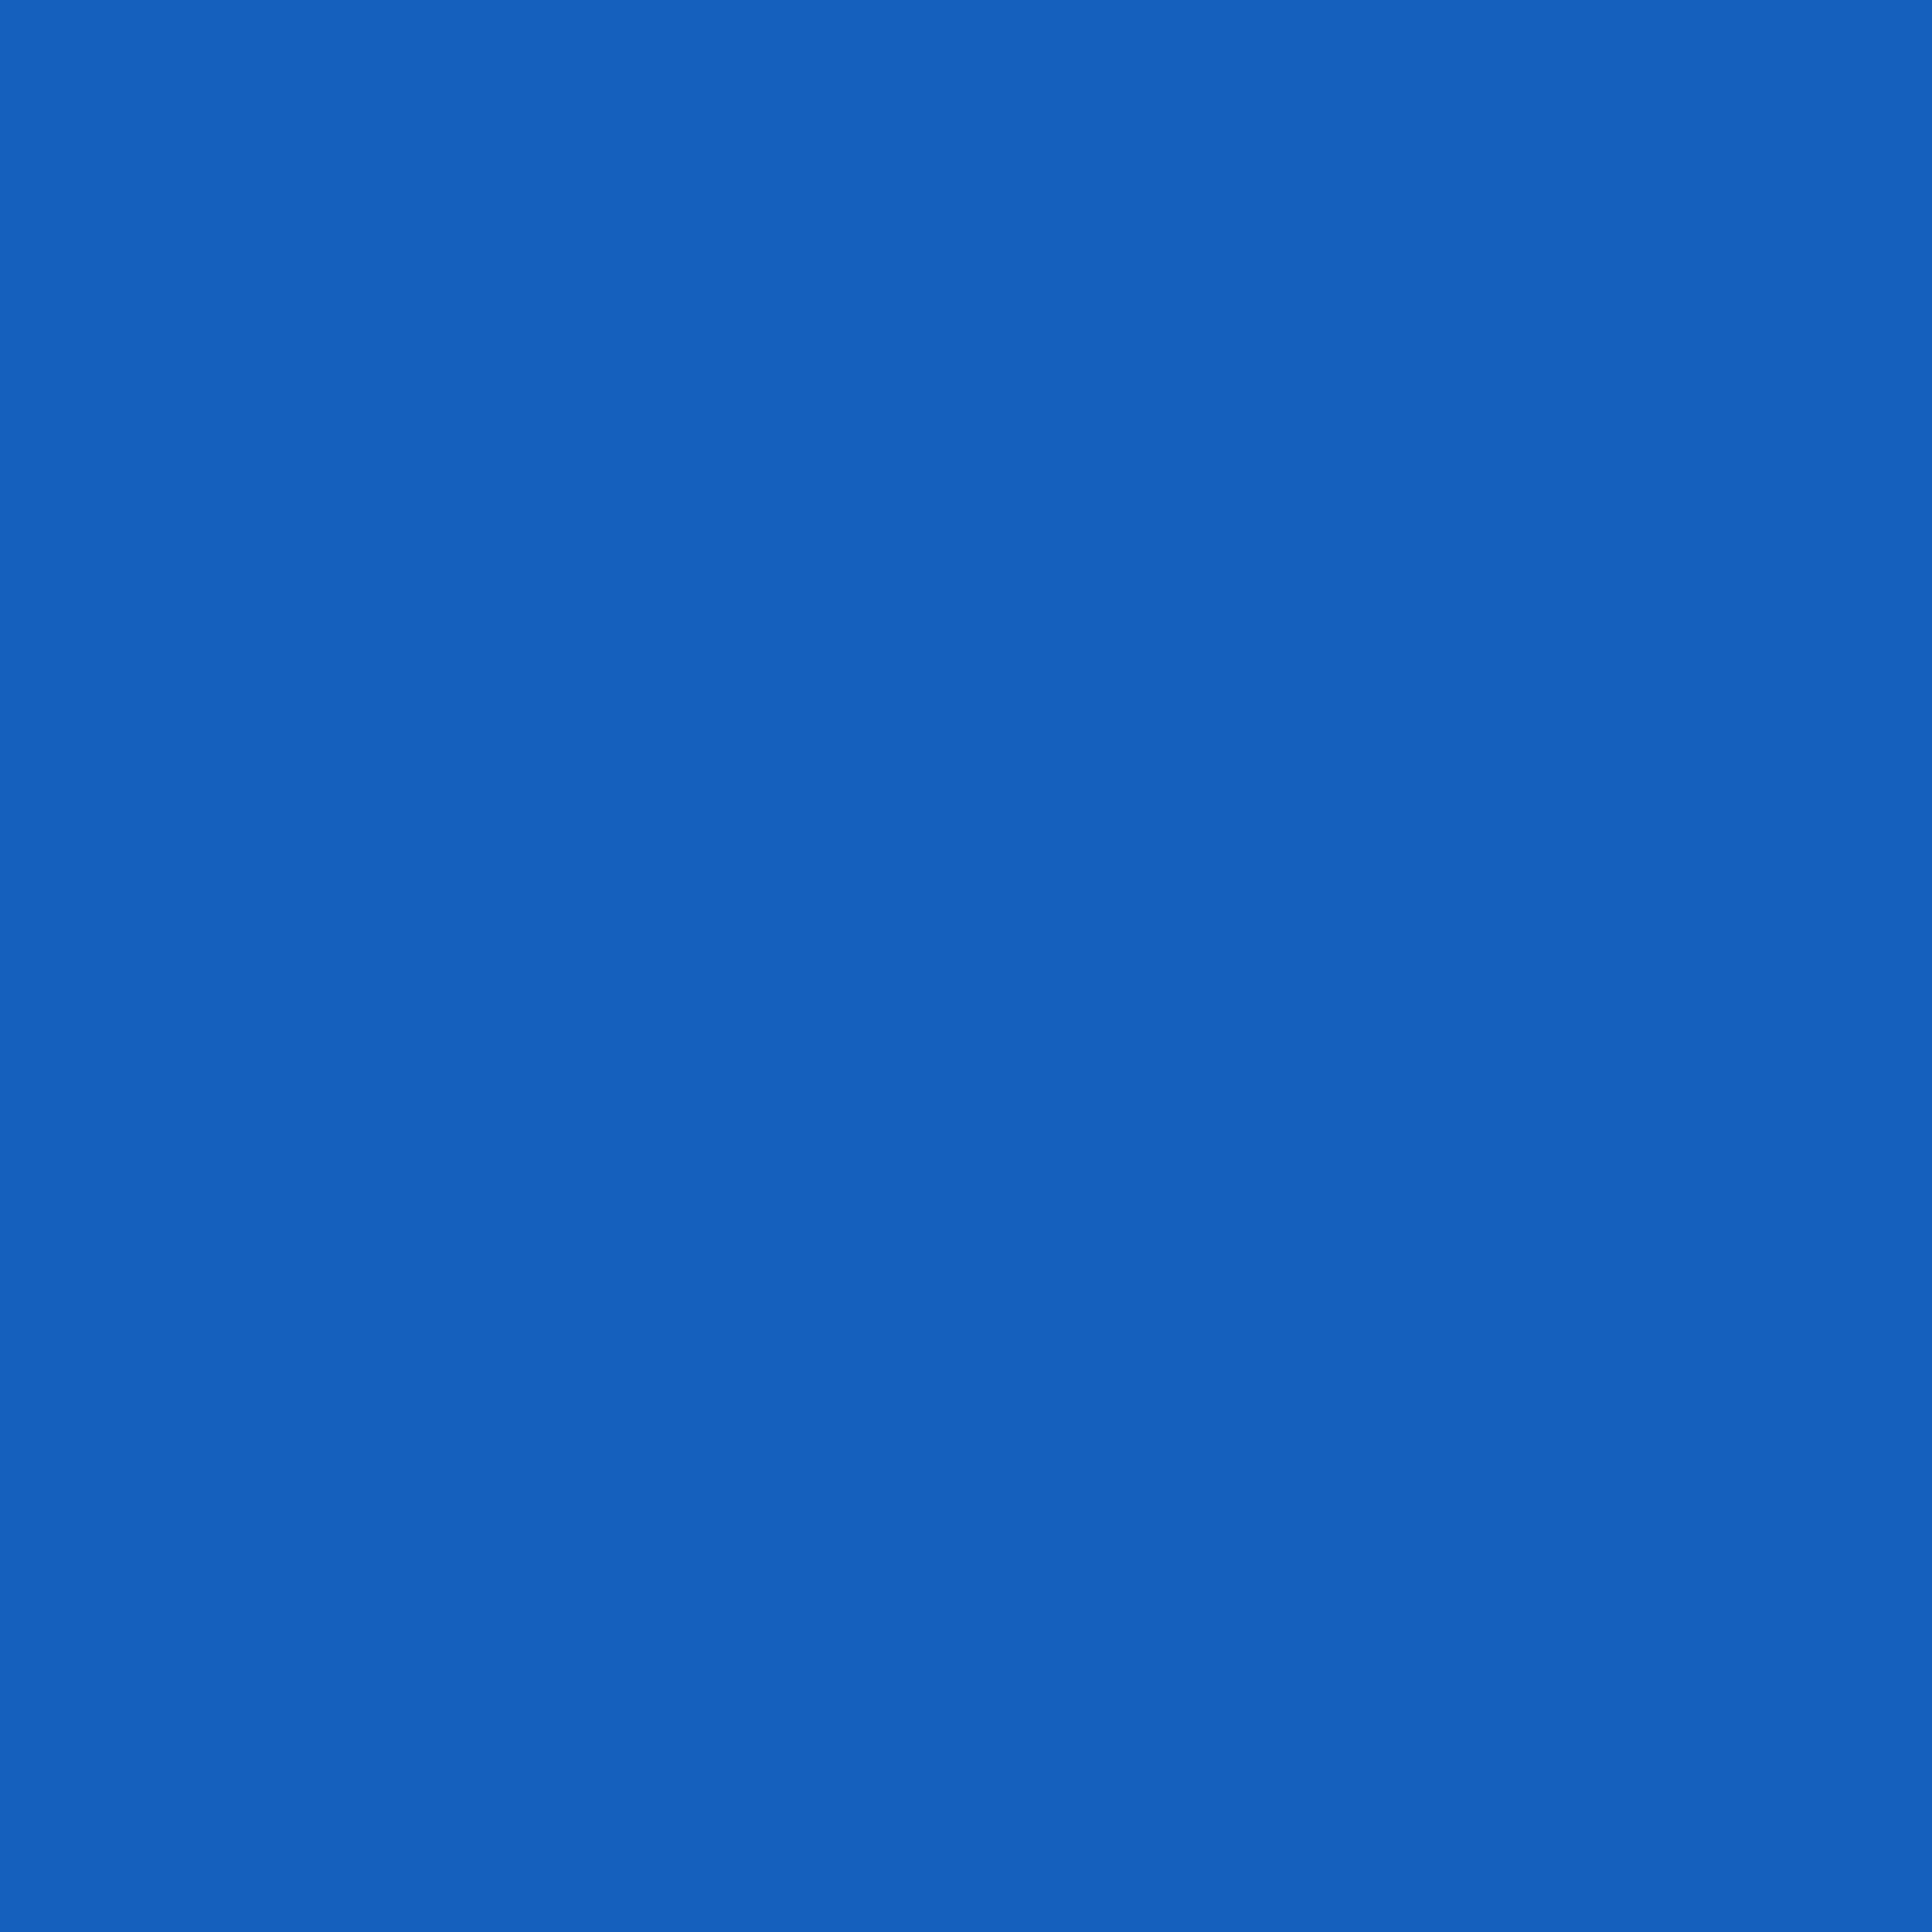 2048x2048 Denim Solid Color Background